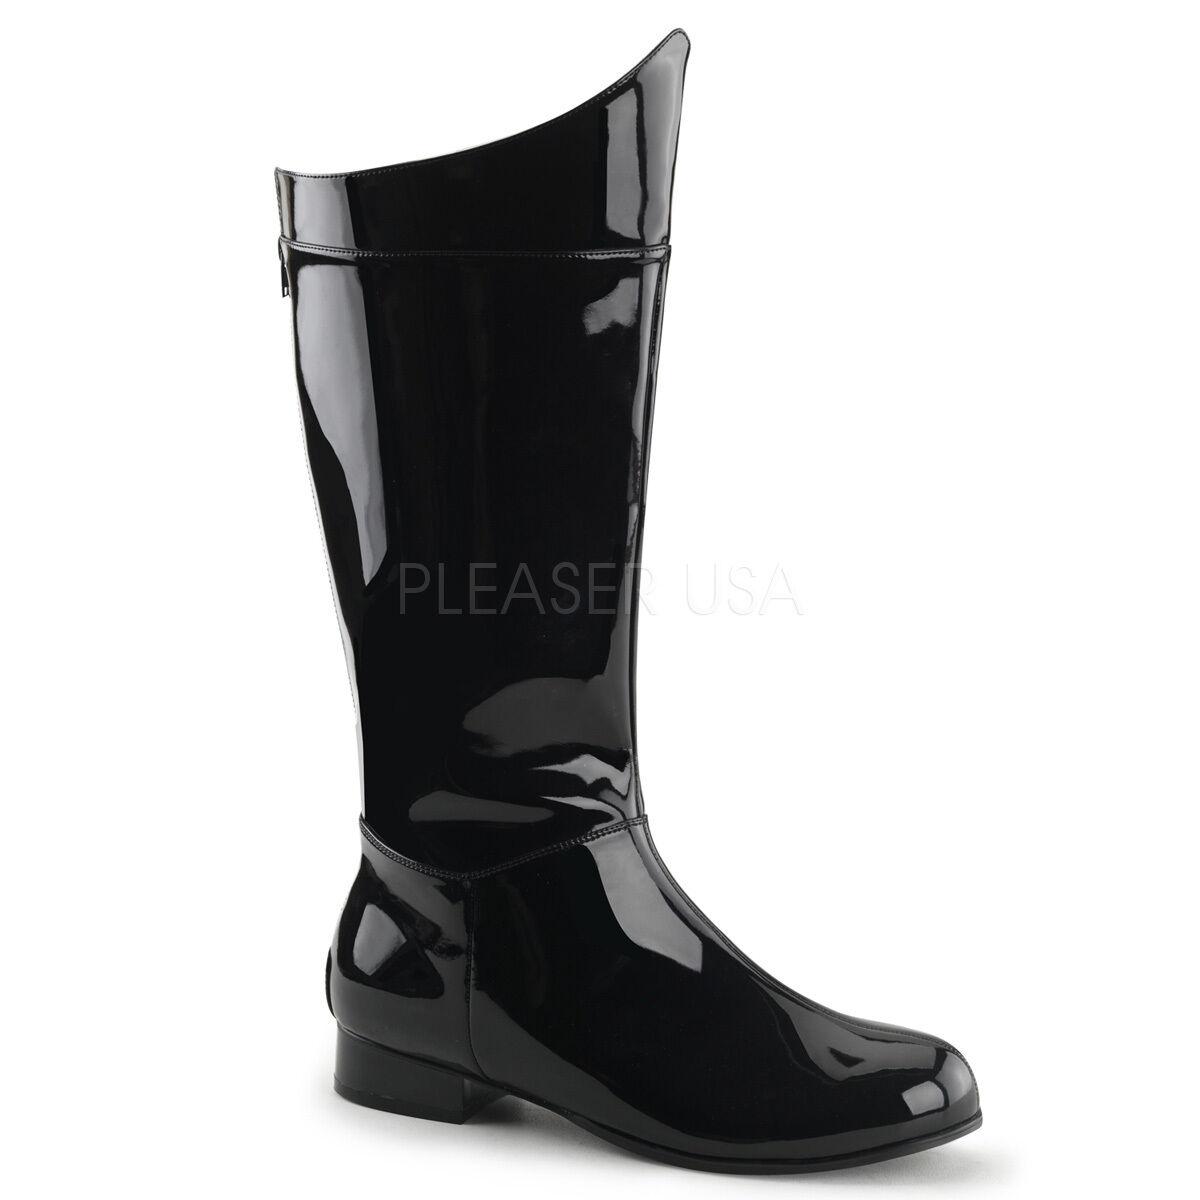 Negro Súper Héroe Darth Vader Star Wars Disfraz De Batman botas para hombre